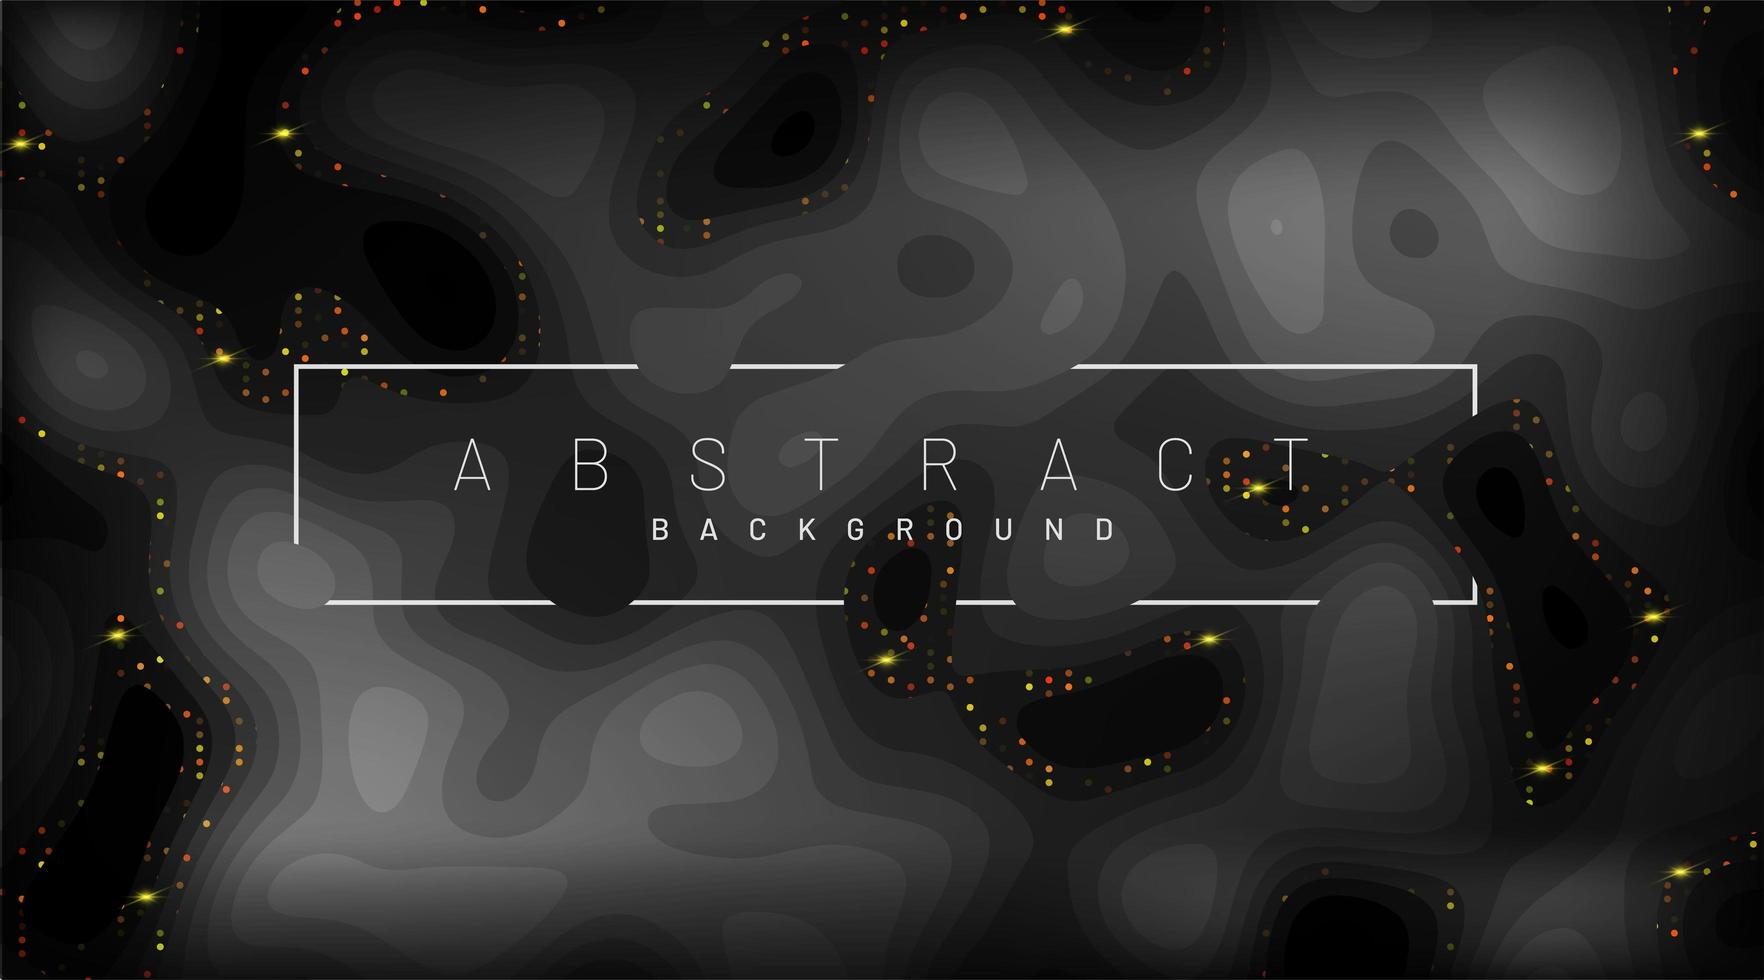 papier noir coupé fond. décorations de morceaux de papier texturés abstraits réalistes avec des couches ondulées et un lustre doré. Illustration vectorielle 3D. modèle de mise en page de couverture. vecteur